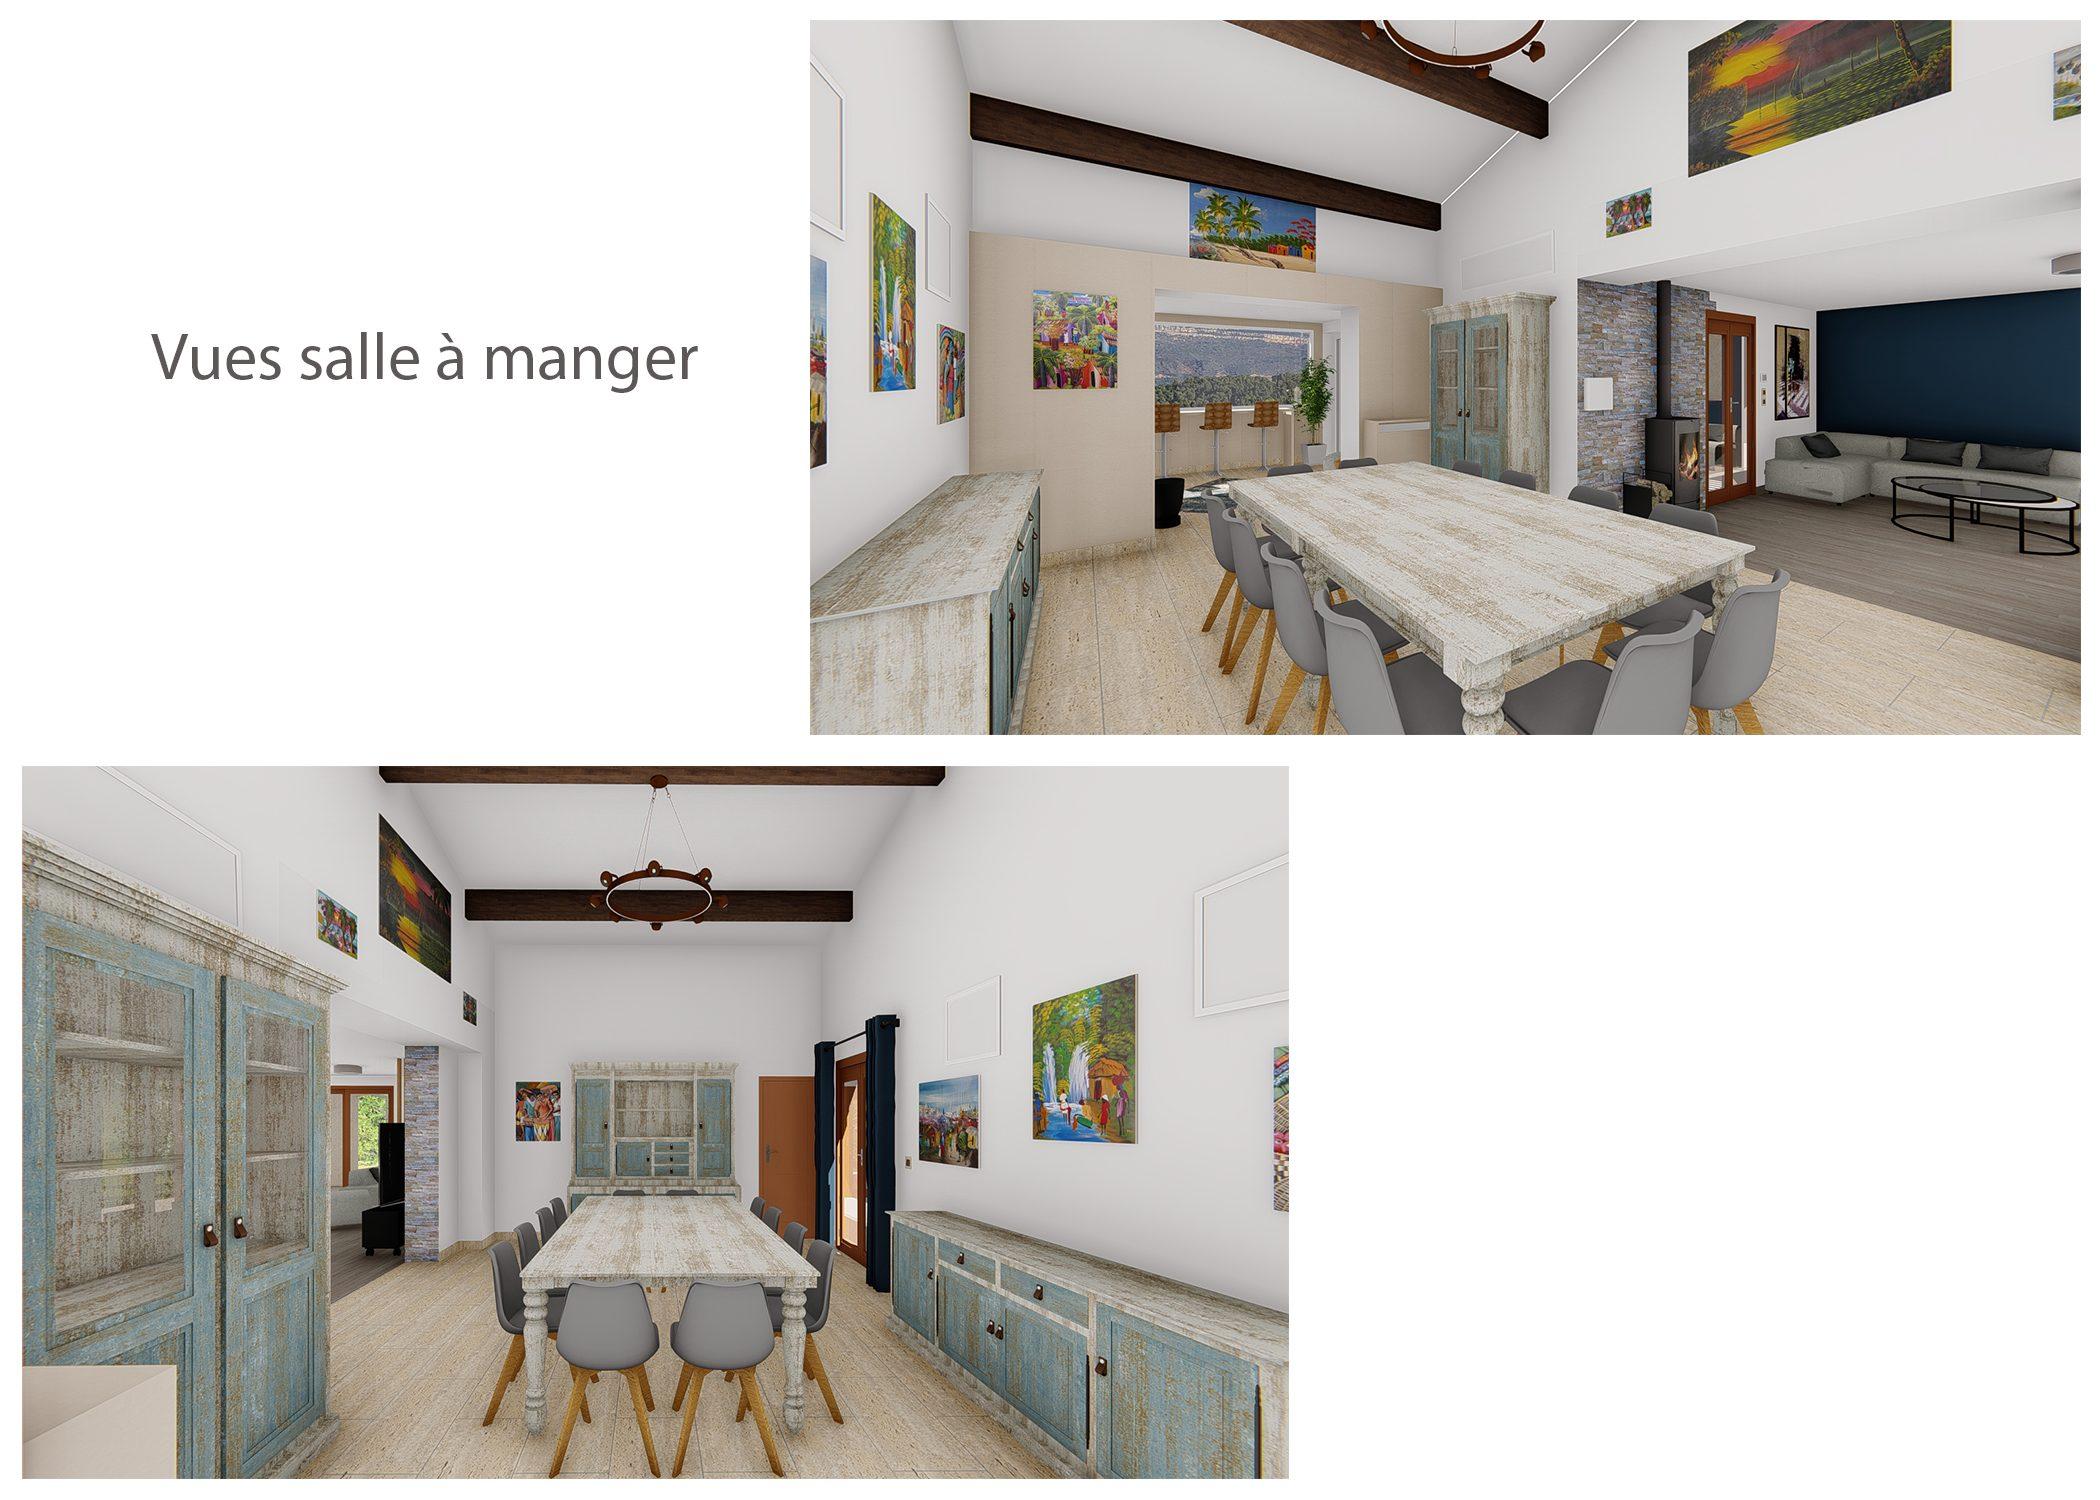 amenagement-decoration-espace de vie et terrasse fuveau-vues salle a manger-dekho design